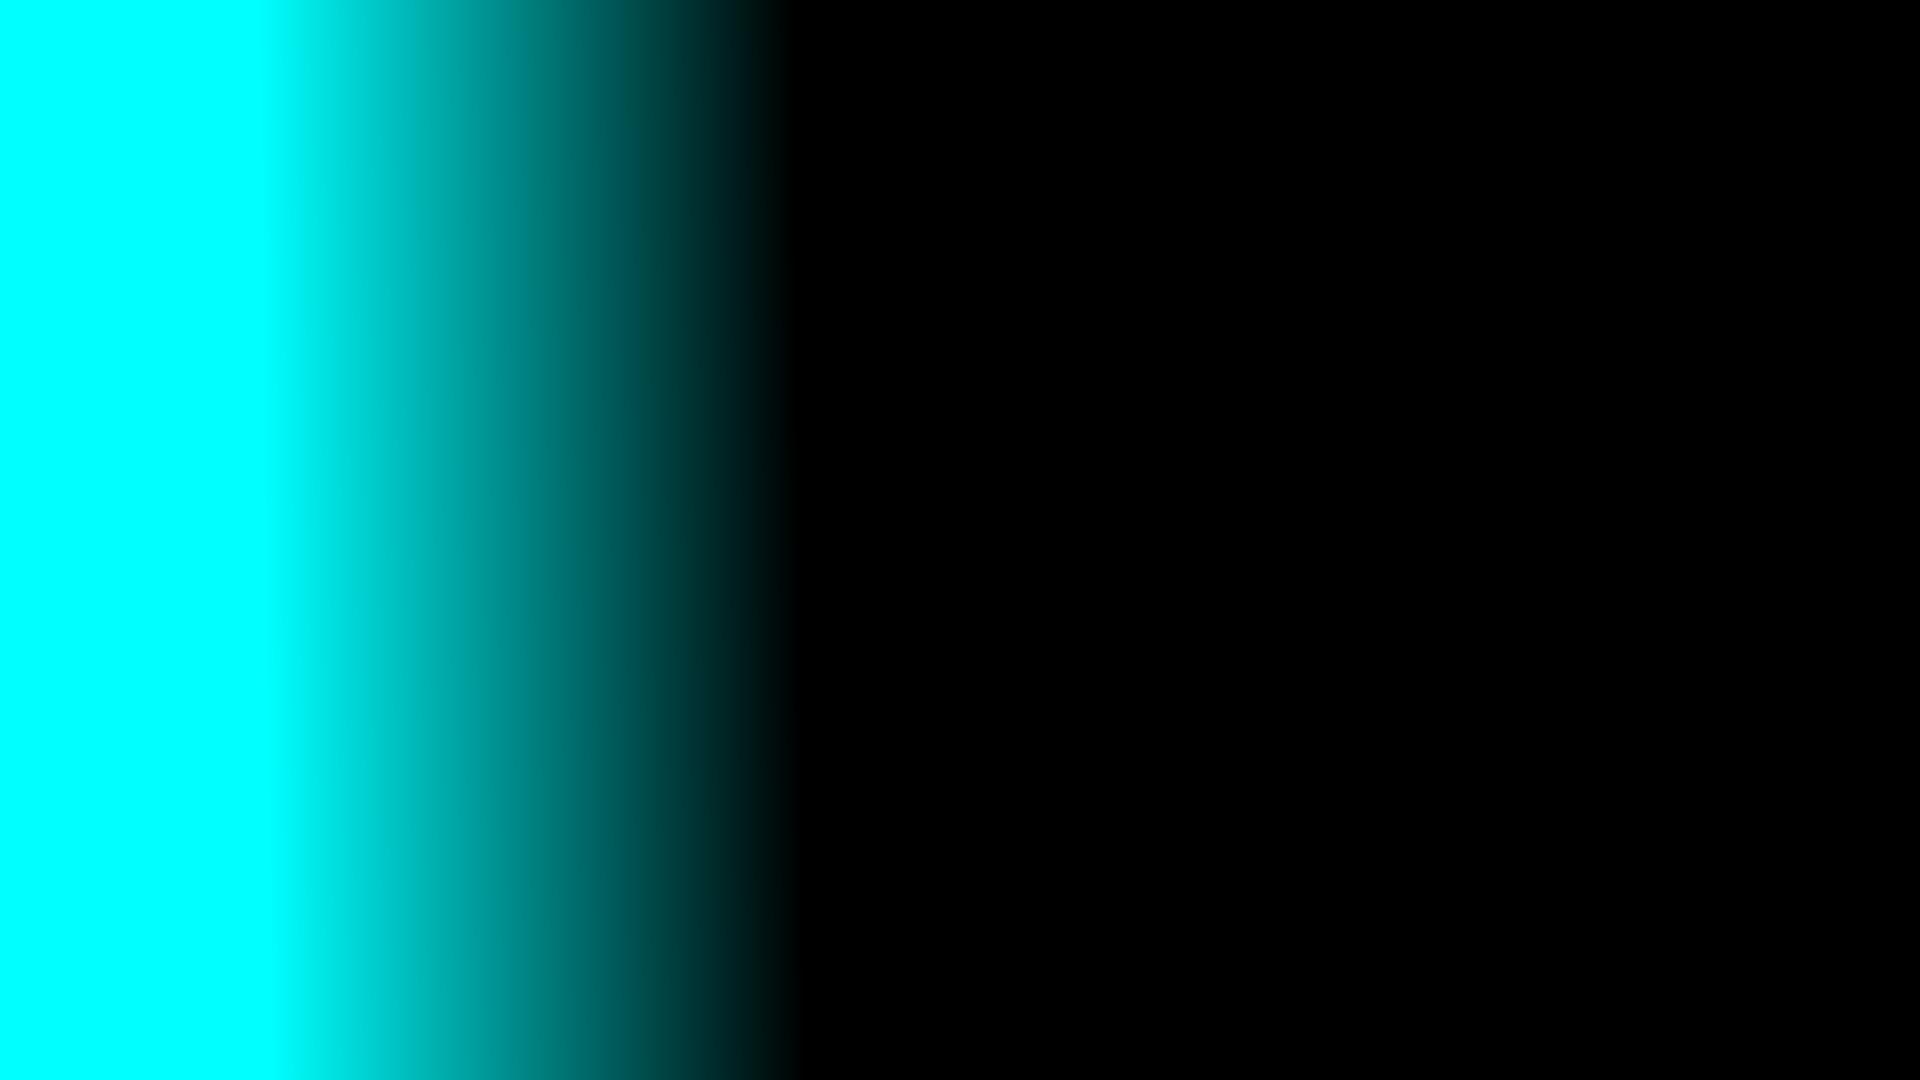 Desktop Wallpapers Light Blue Black Gradient Desktop 1920x1080